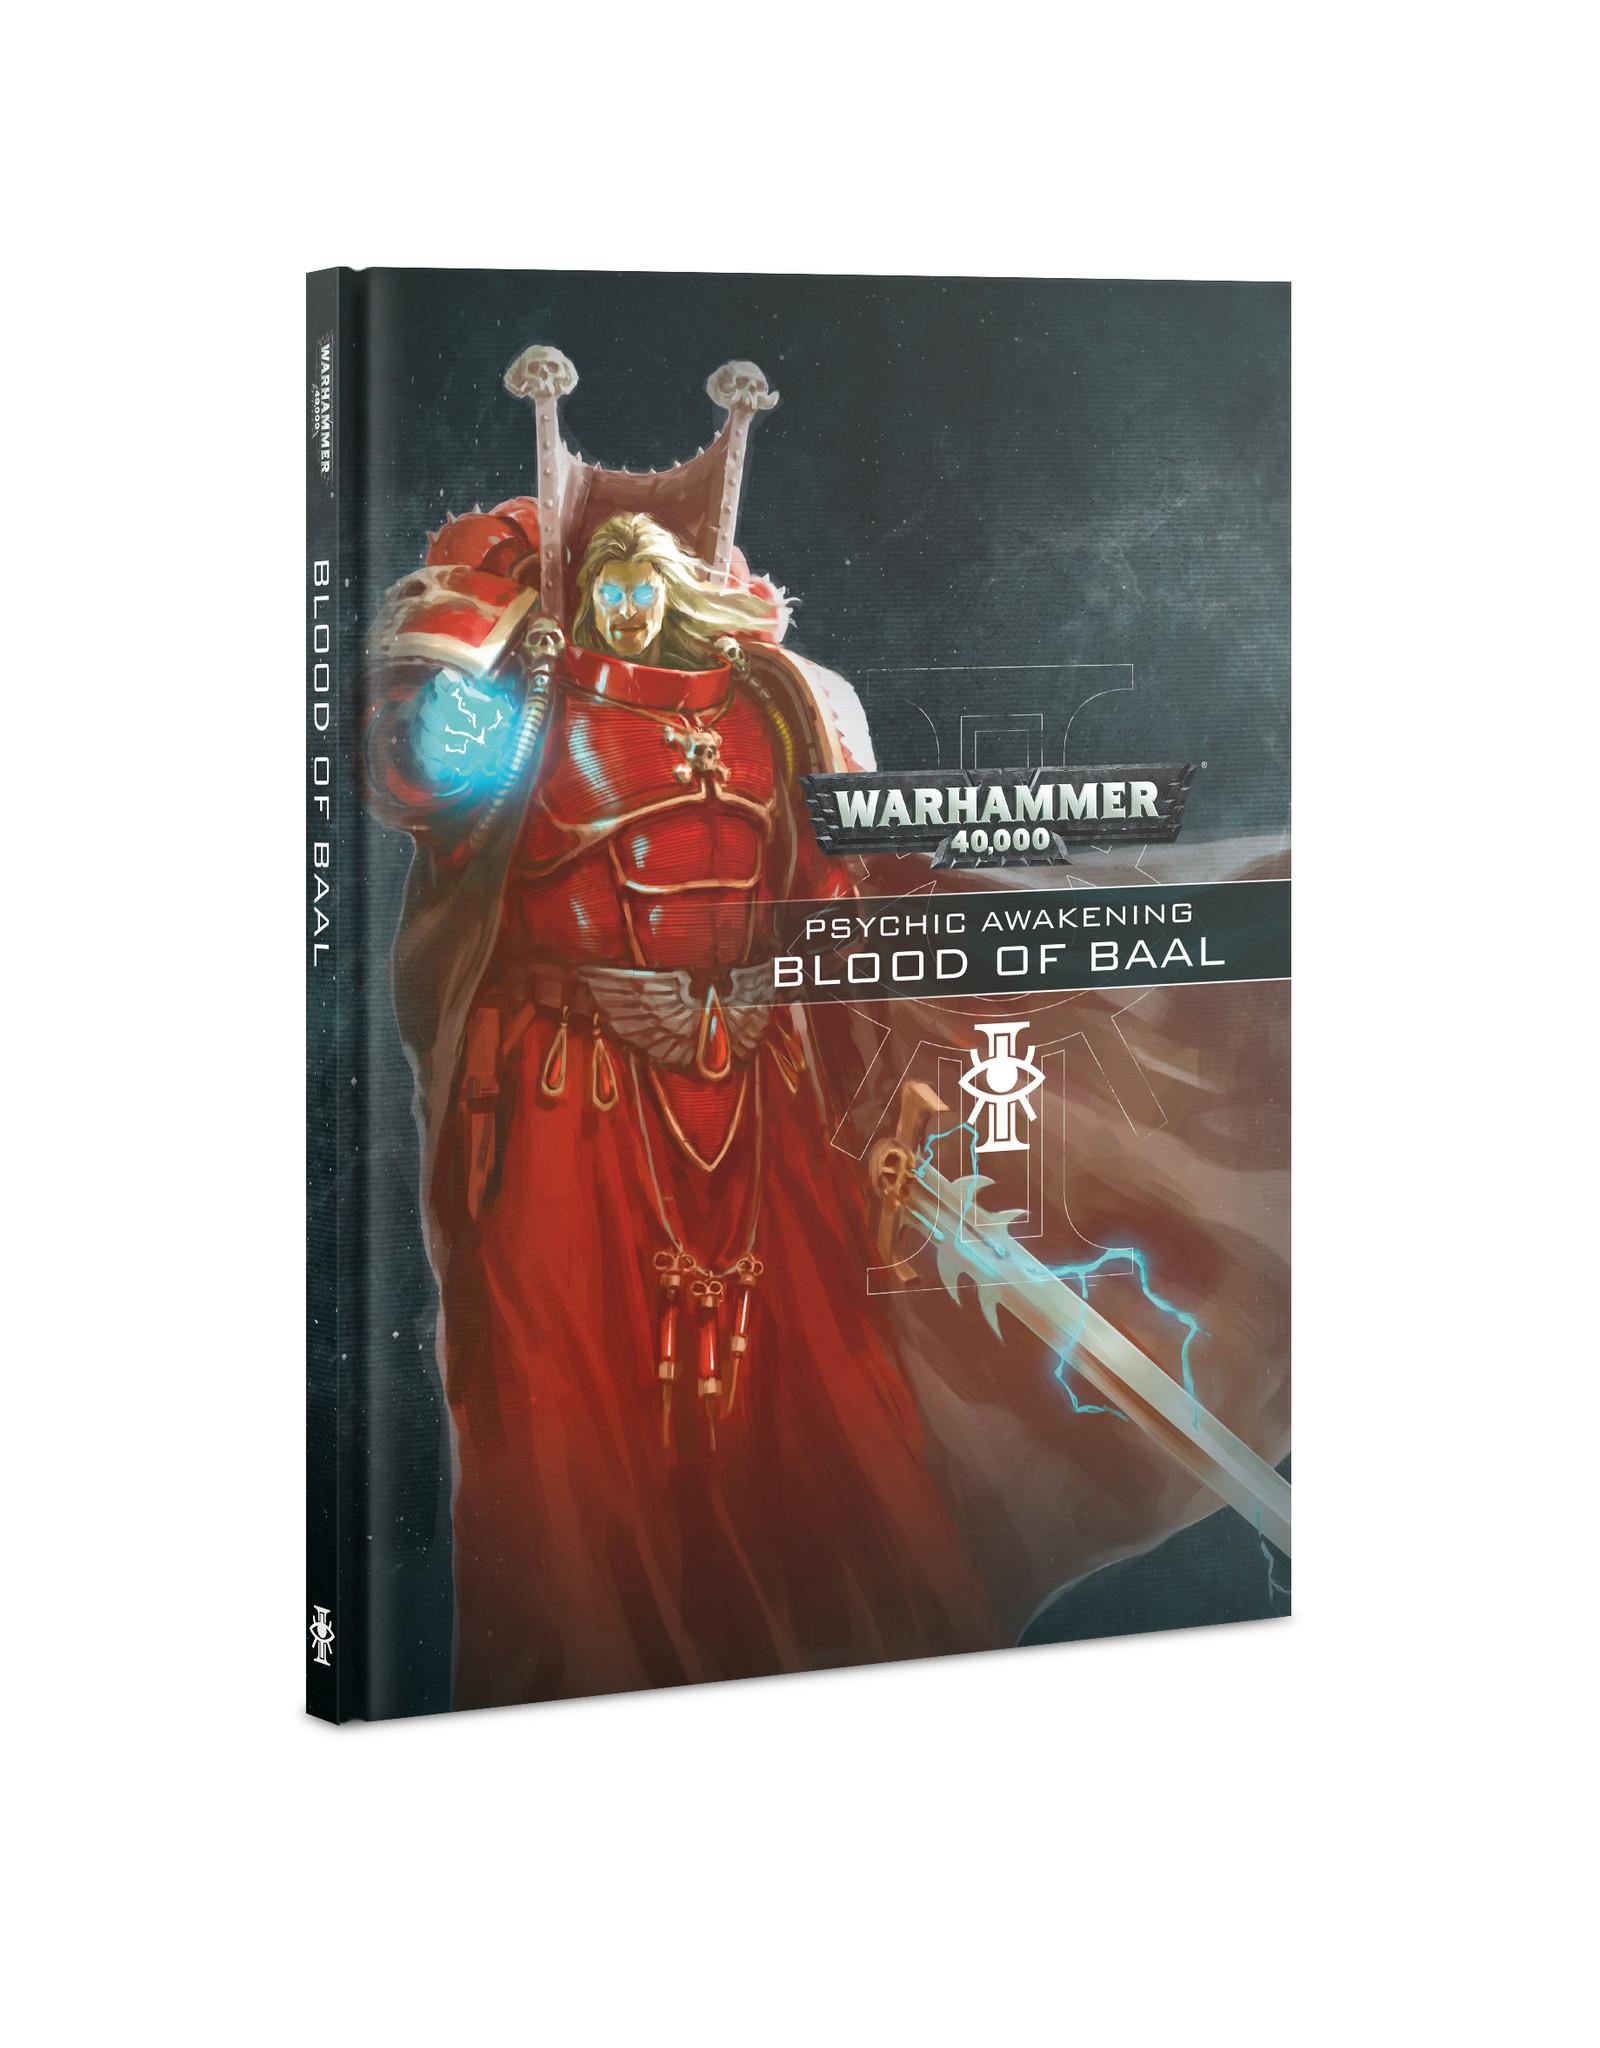 Warhammer 40k PSYCHIC AWAKENING: BLOOD OF BAAL (ENGLISH)